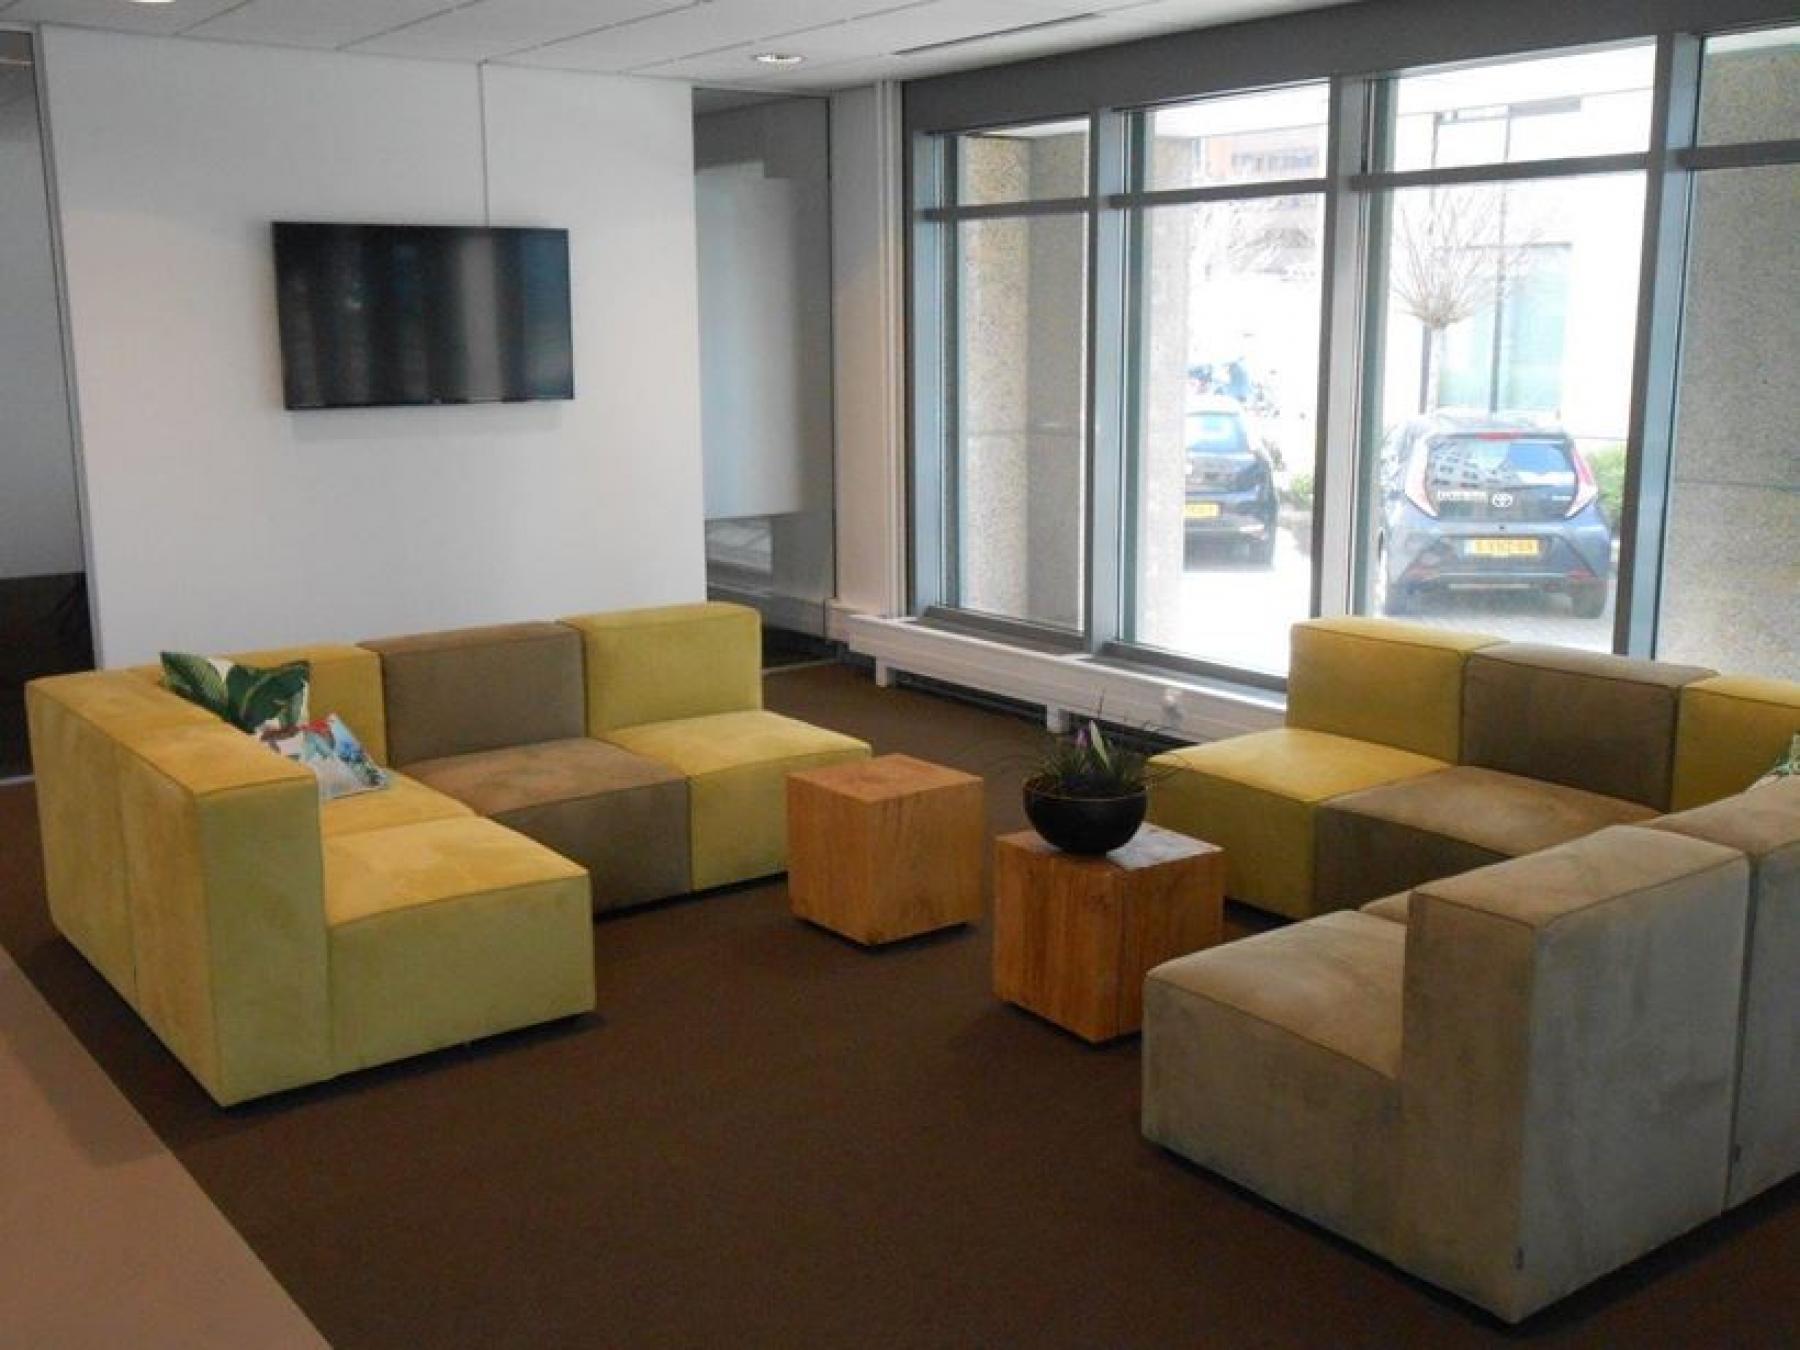 lounge banken tafel televisie loungeruimte amsterdam zuidoost informele setting kantoor